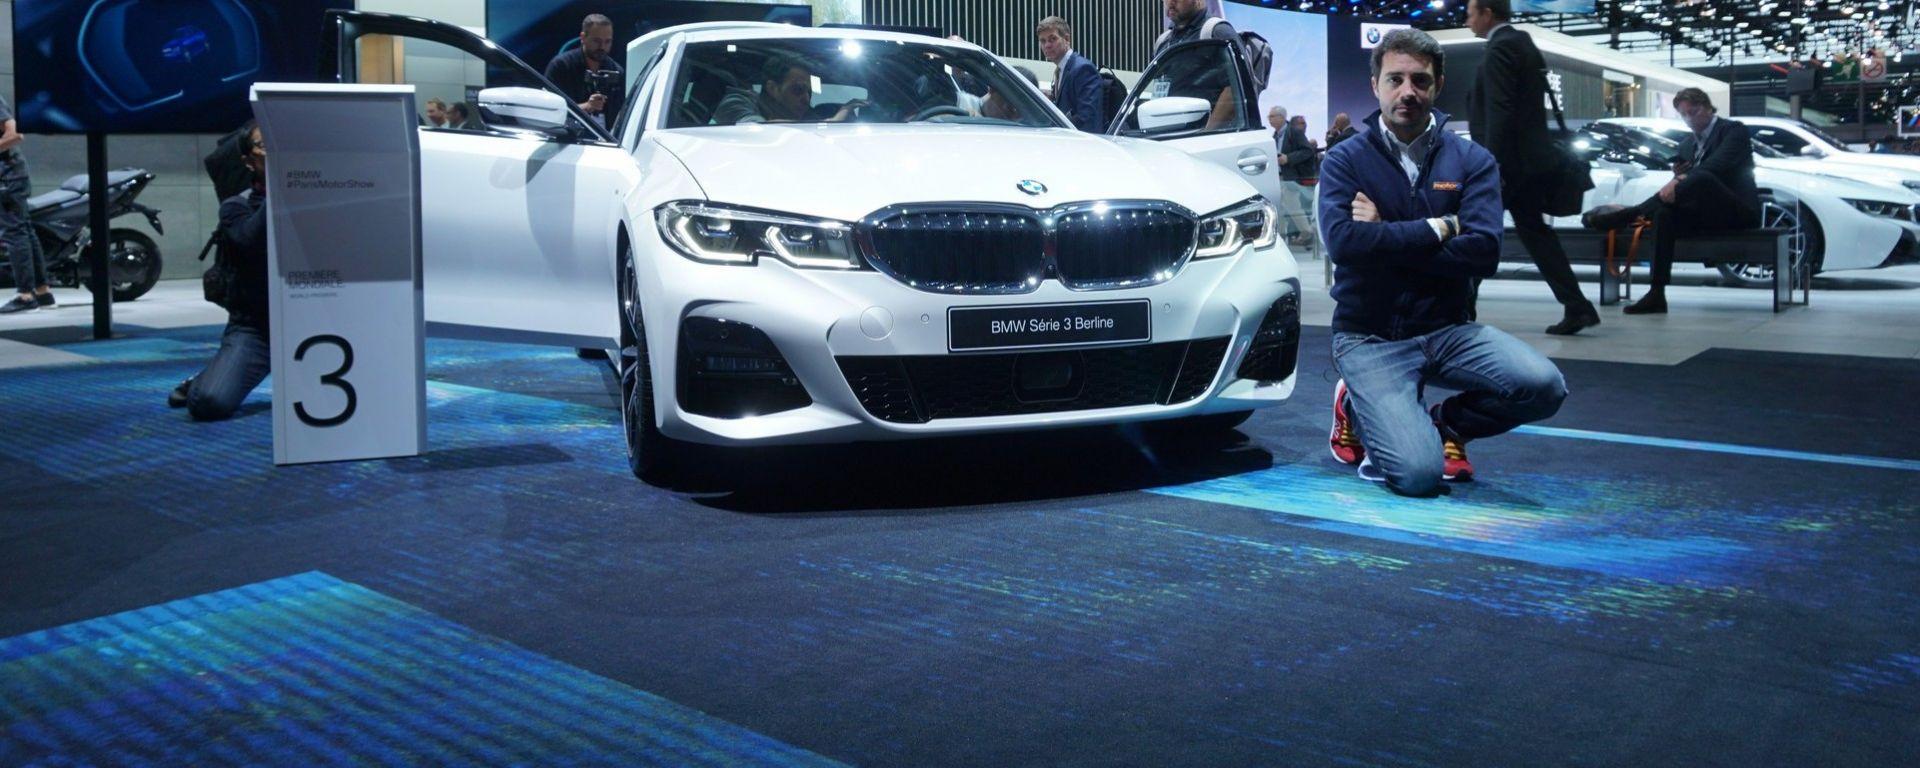 Nuova BMW Serie 3: in video dal Salone di Parigi 2018